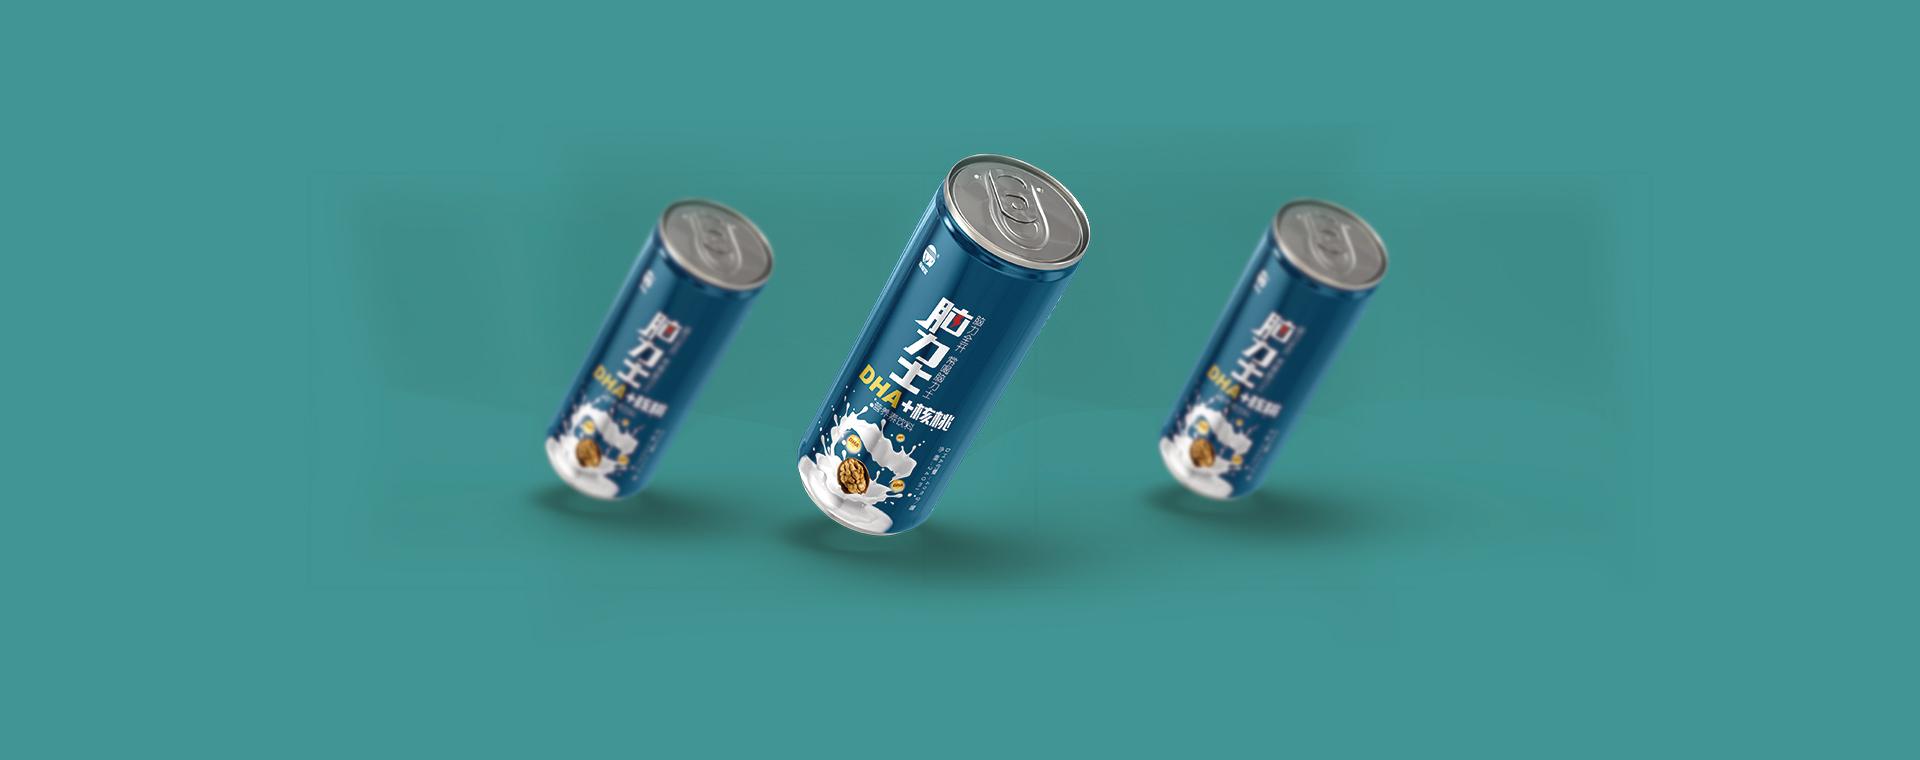 设计饮料包装案例 饮料包装设计的方案